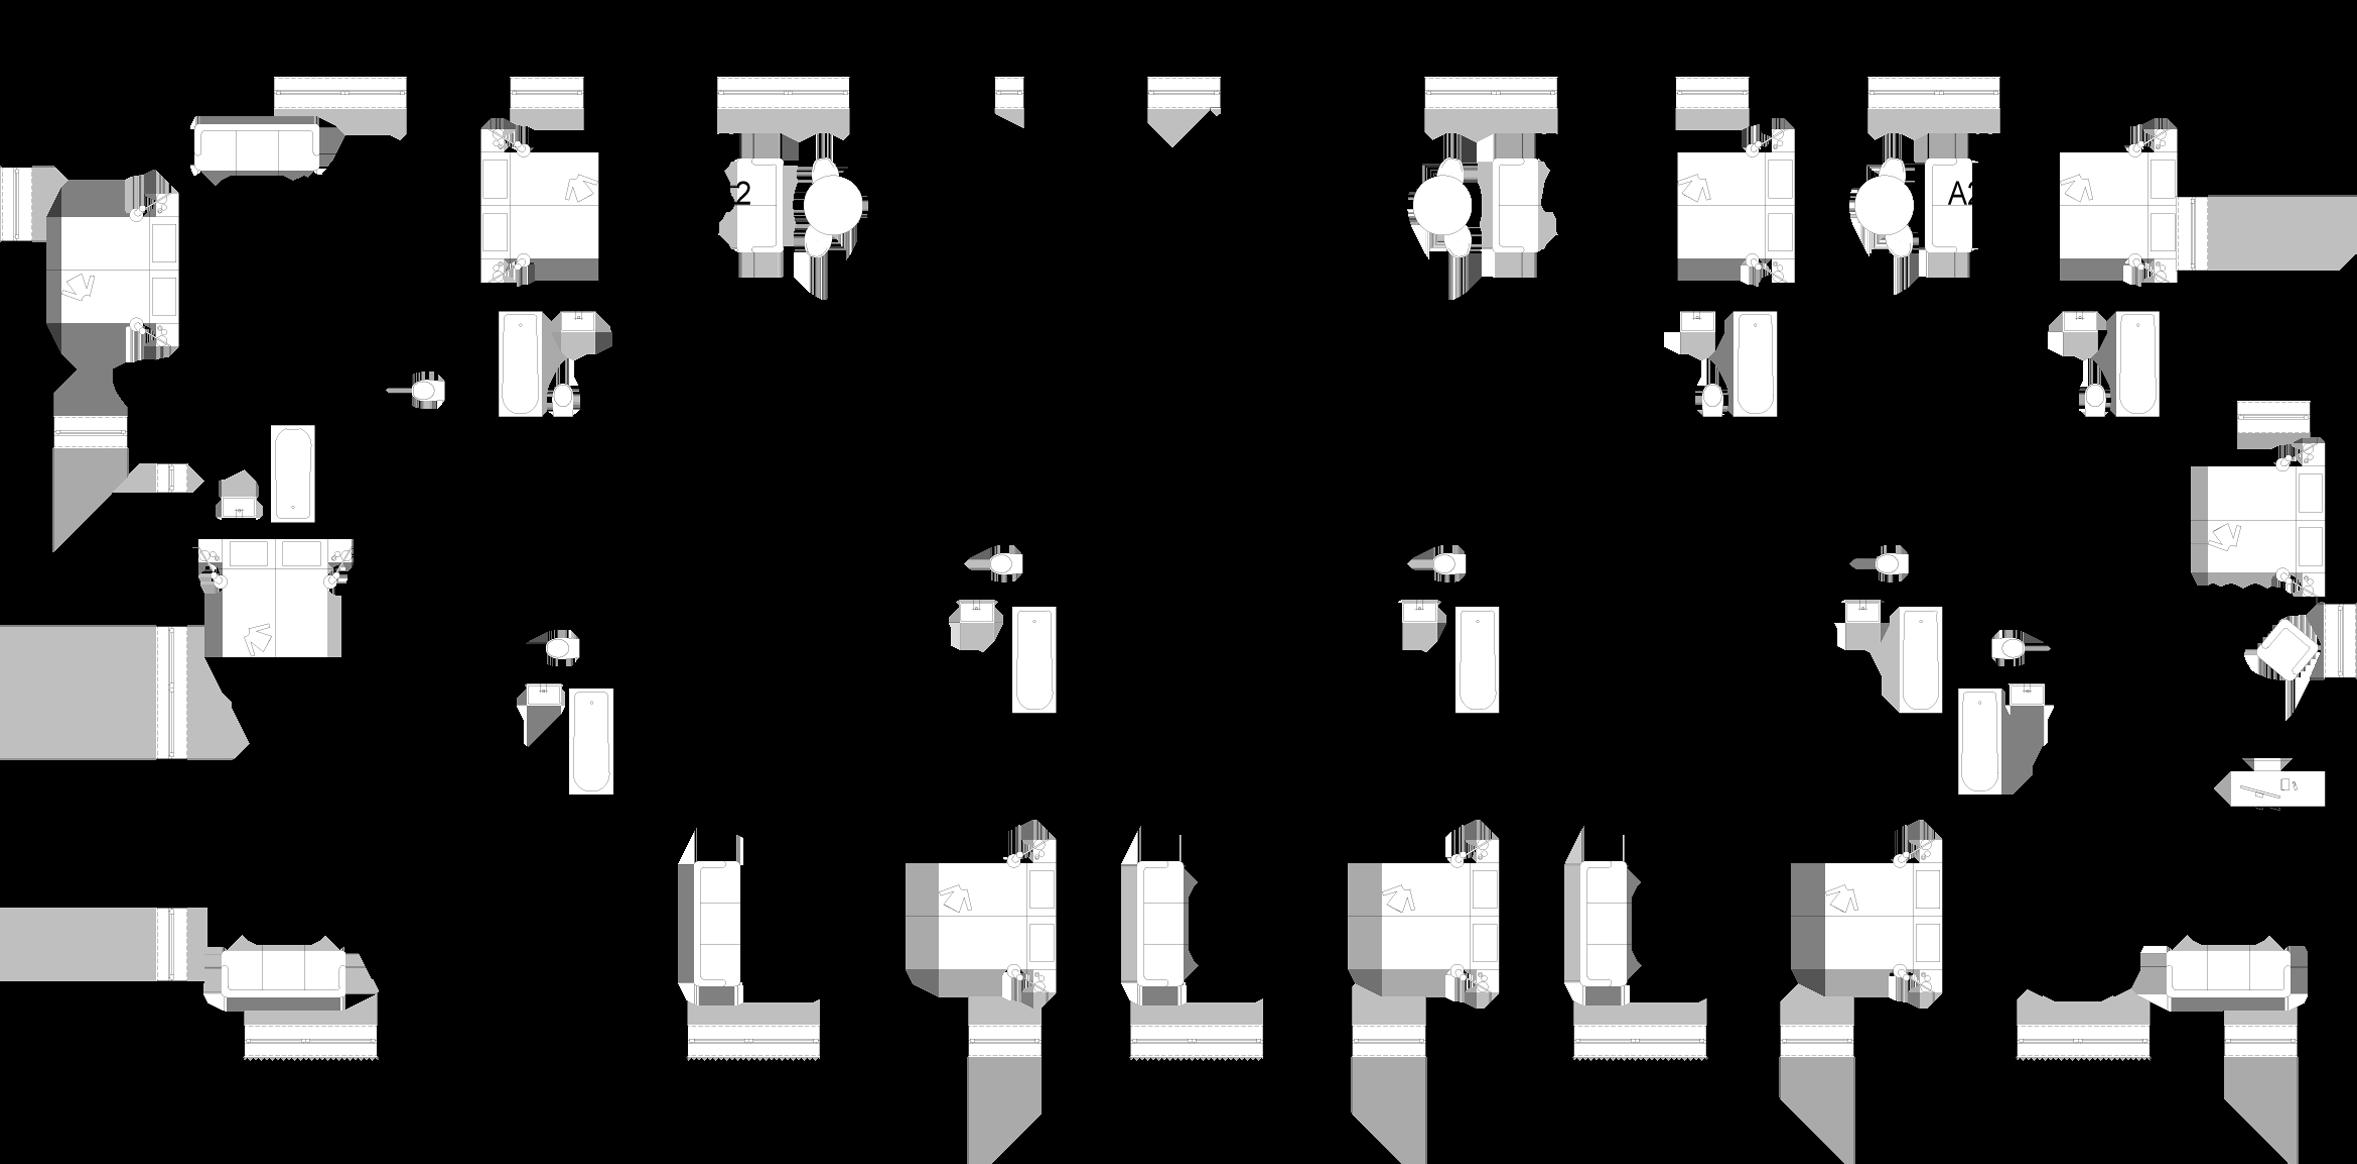 SO-01.A2 – 3. NP